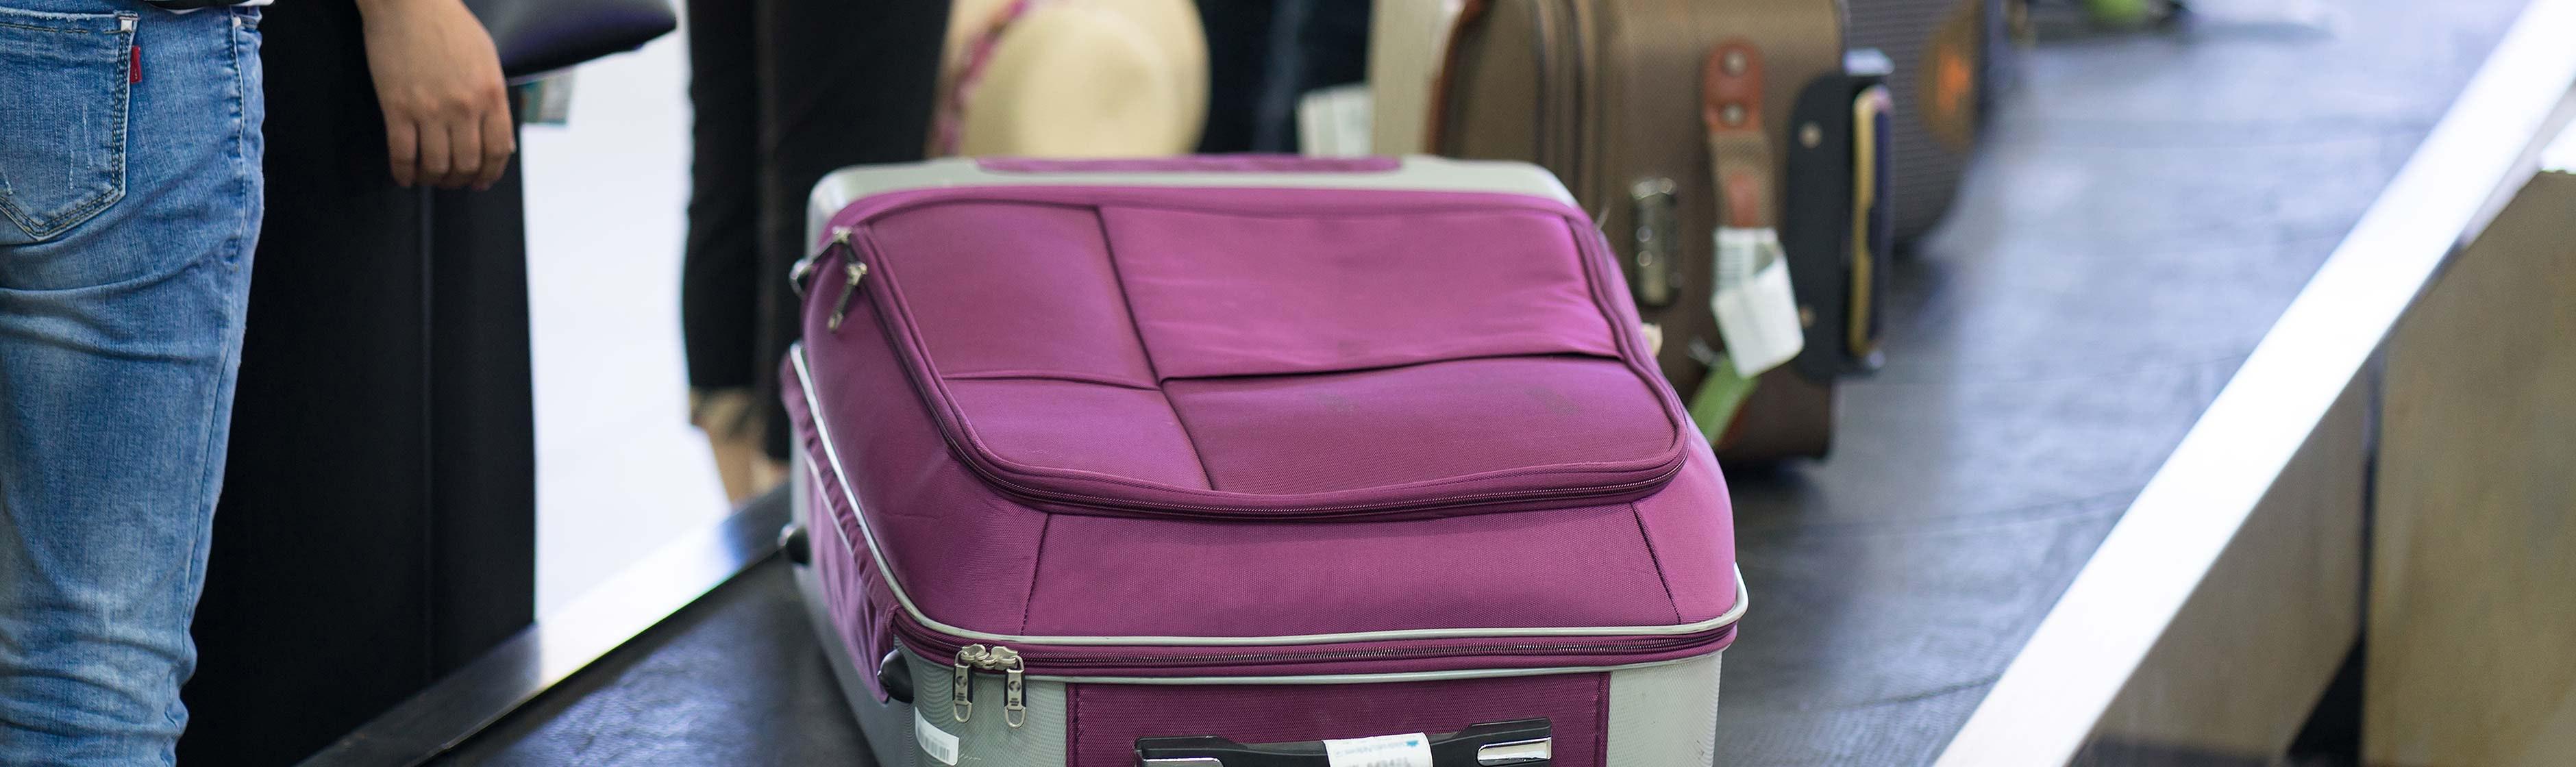 Koffer op bagageband